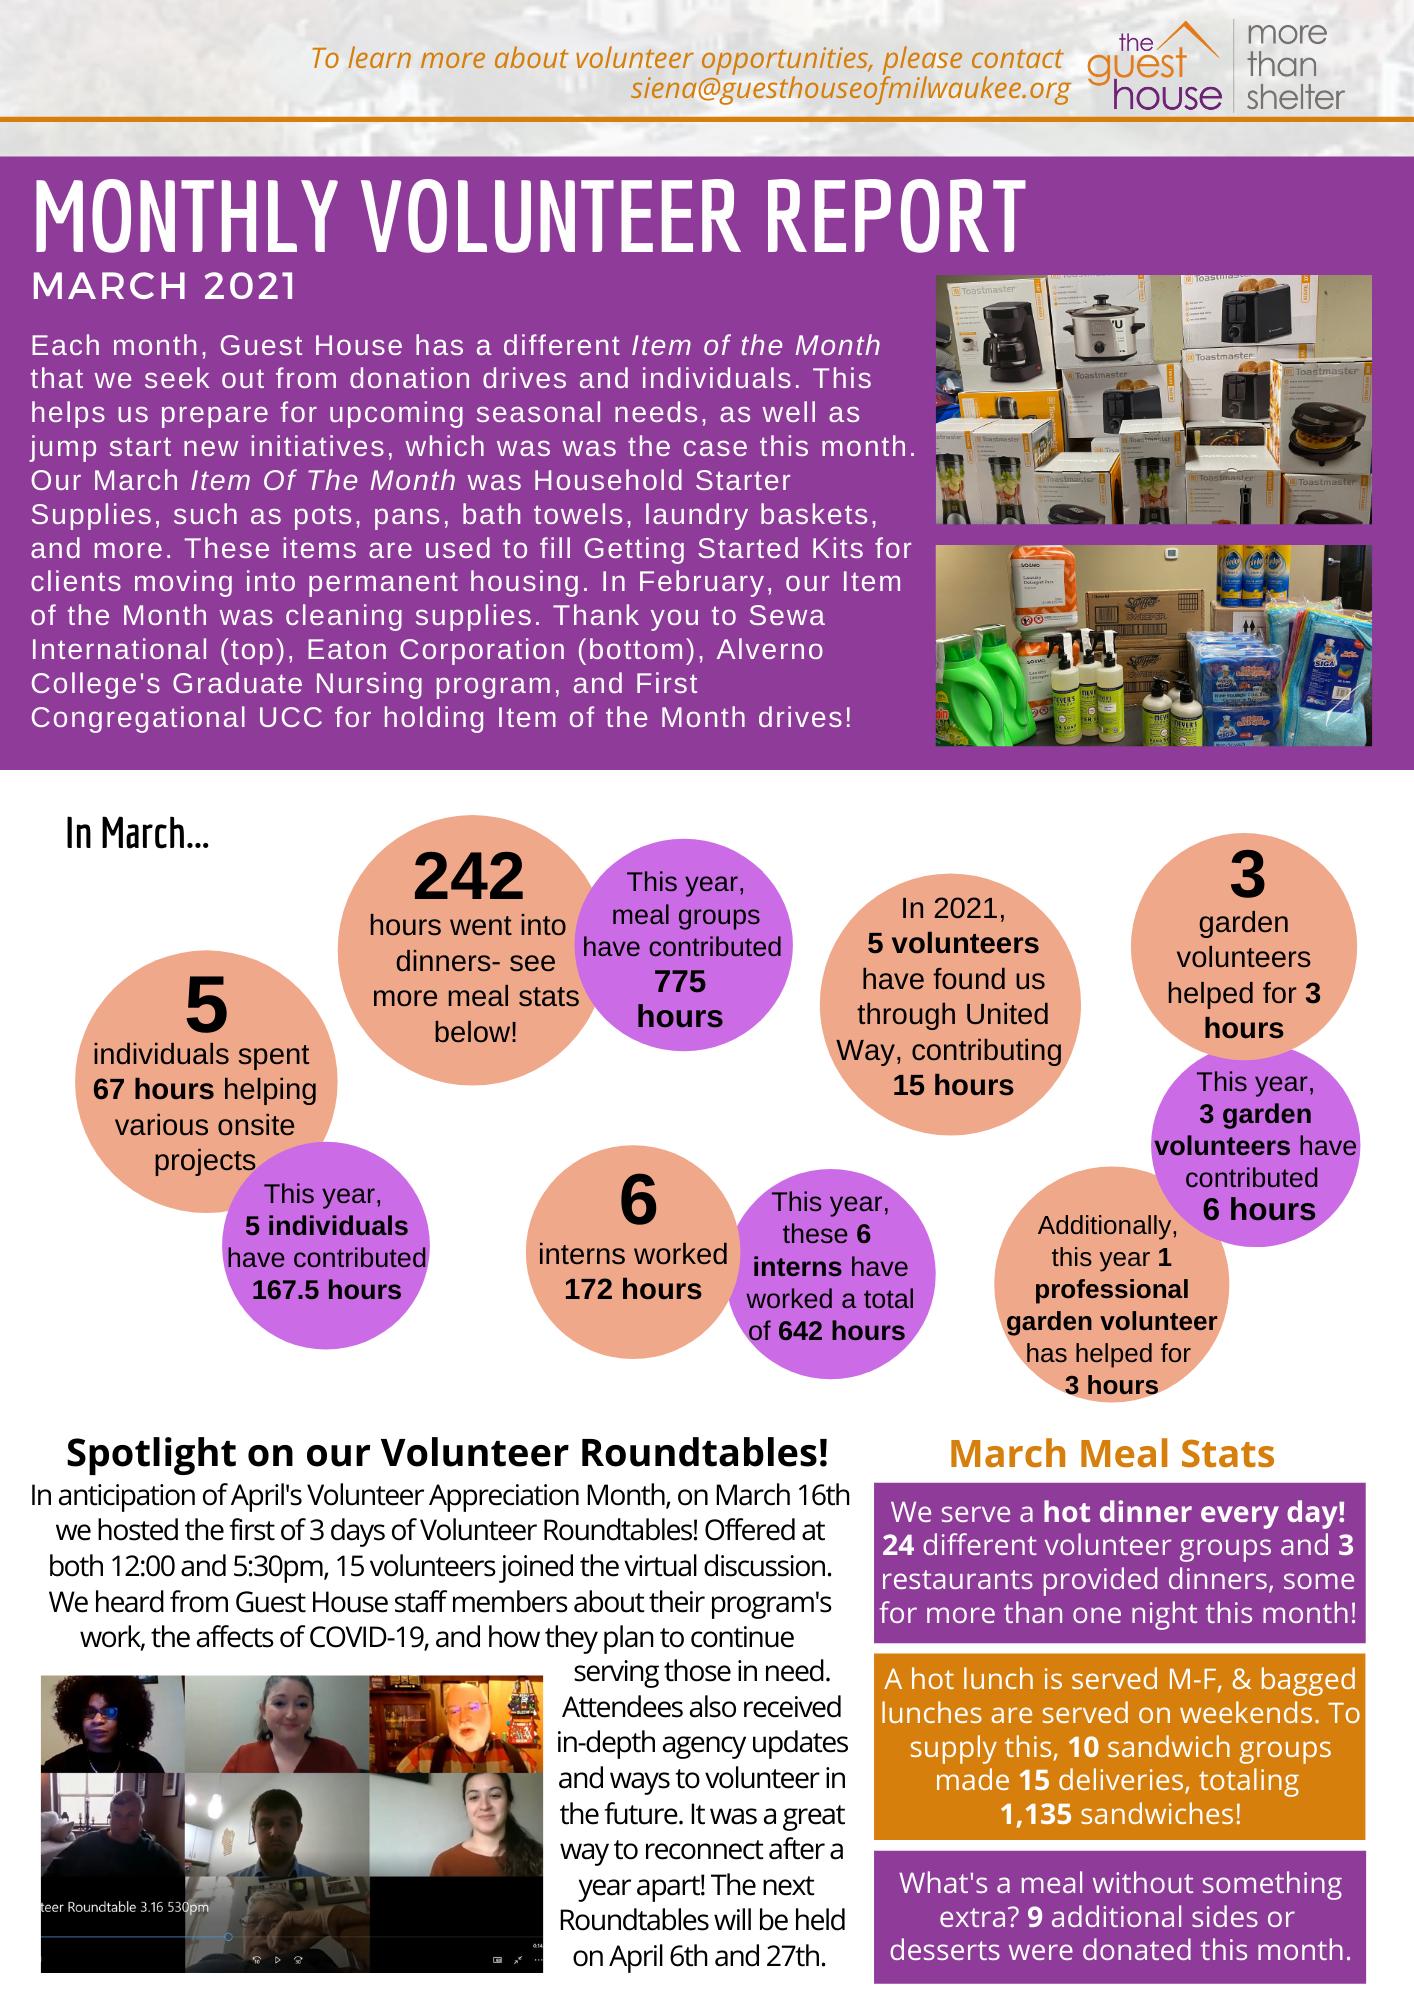 March Volunteer Report